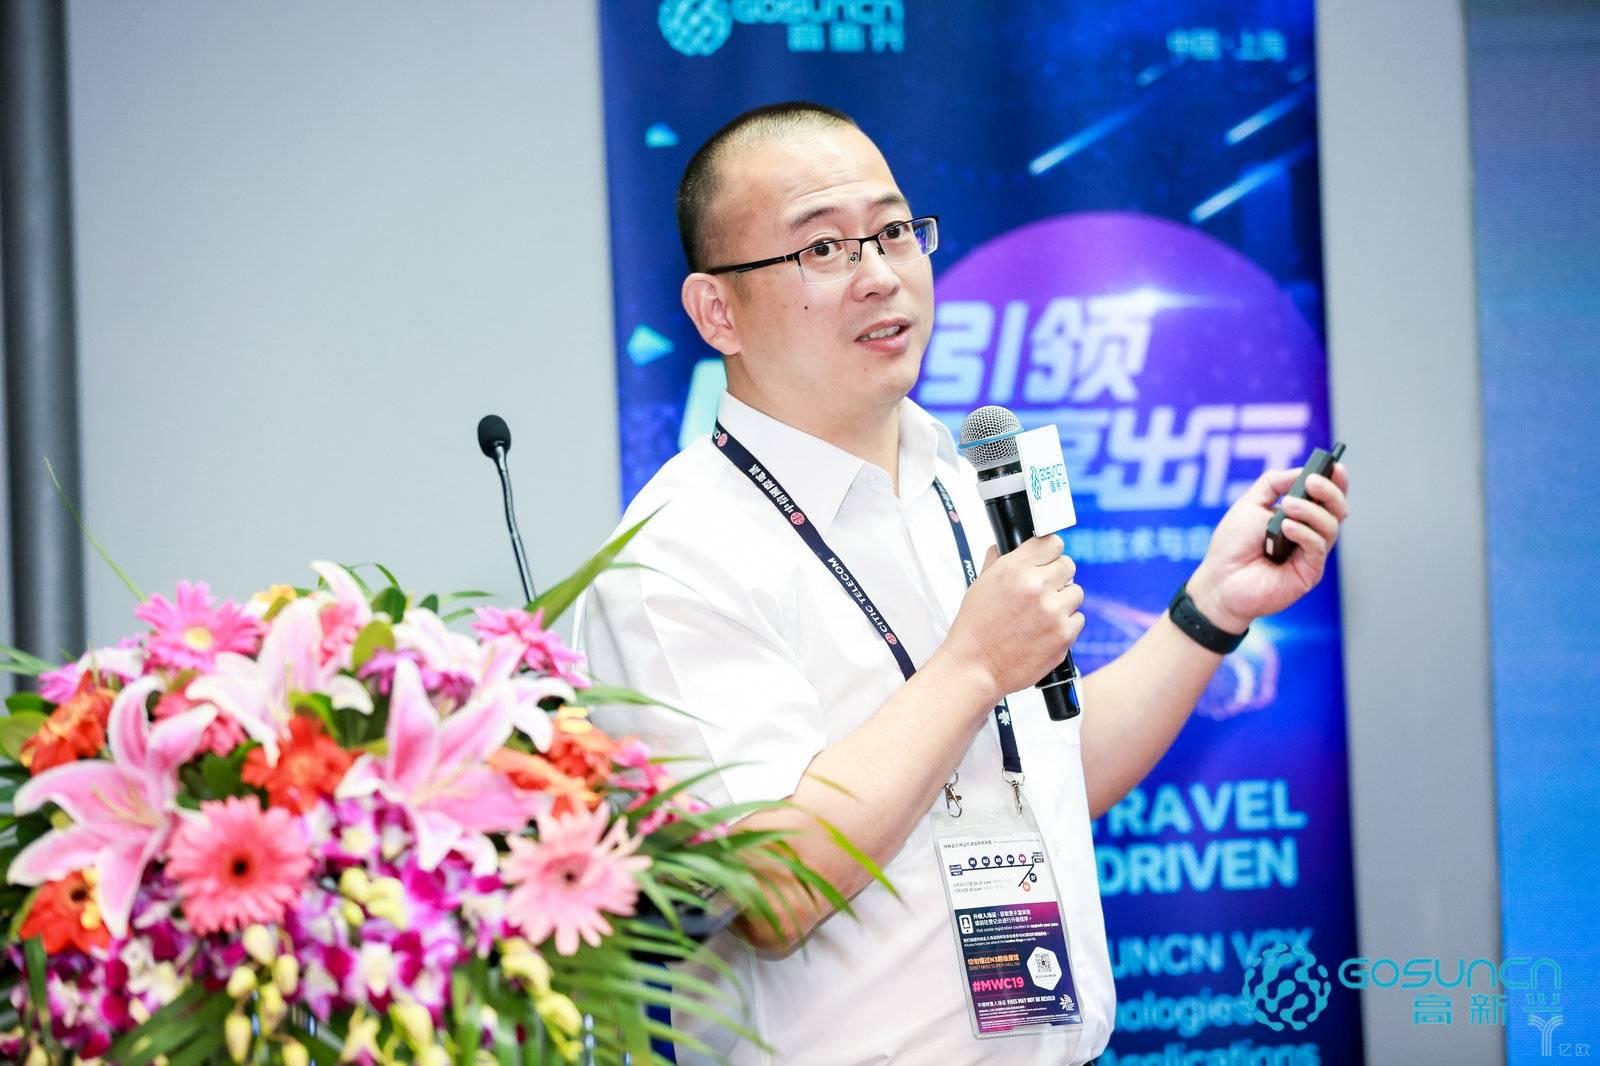 吉利汽车研究总院创新中心总监杨峰